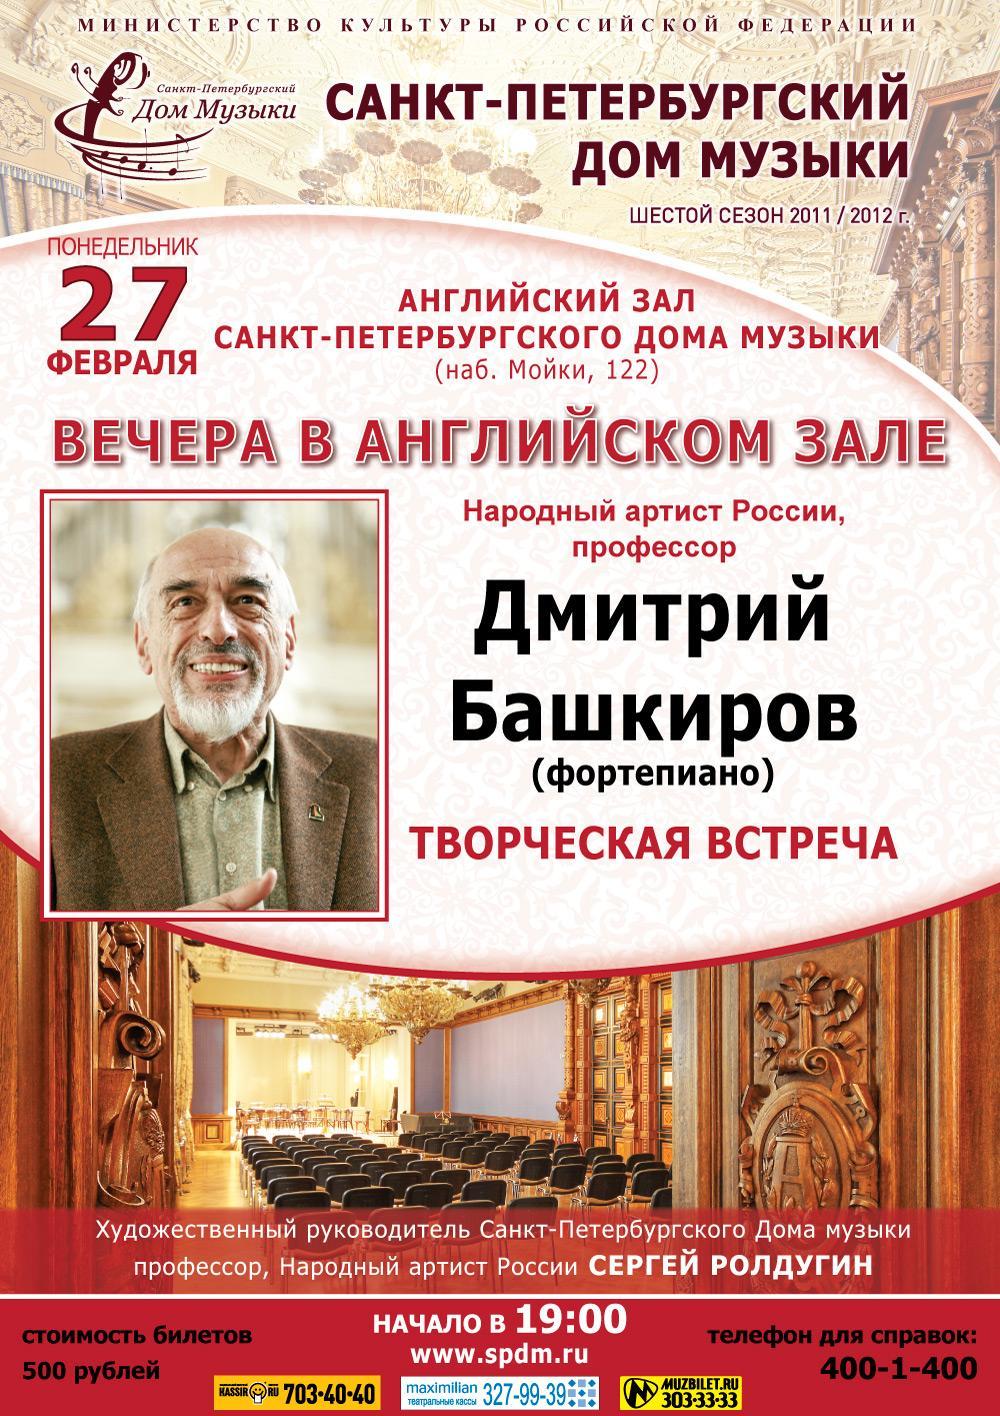 Творческая встреча с Дмитрием Башкировым